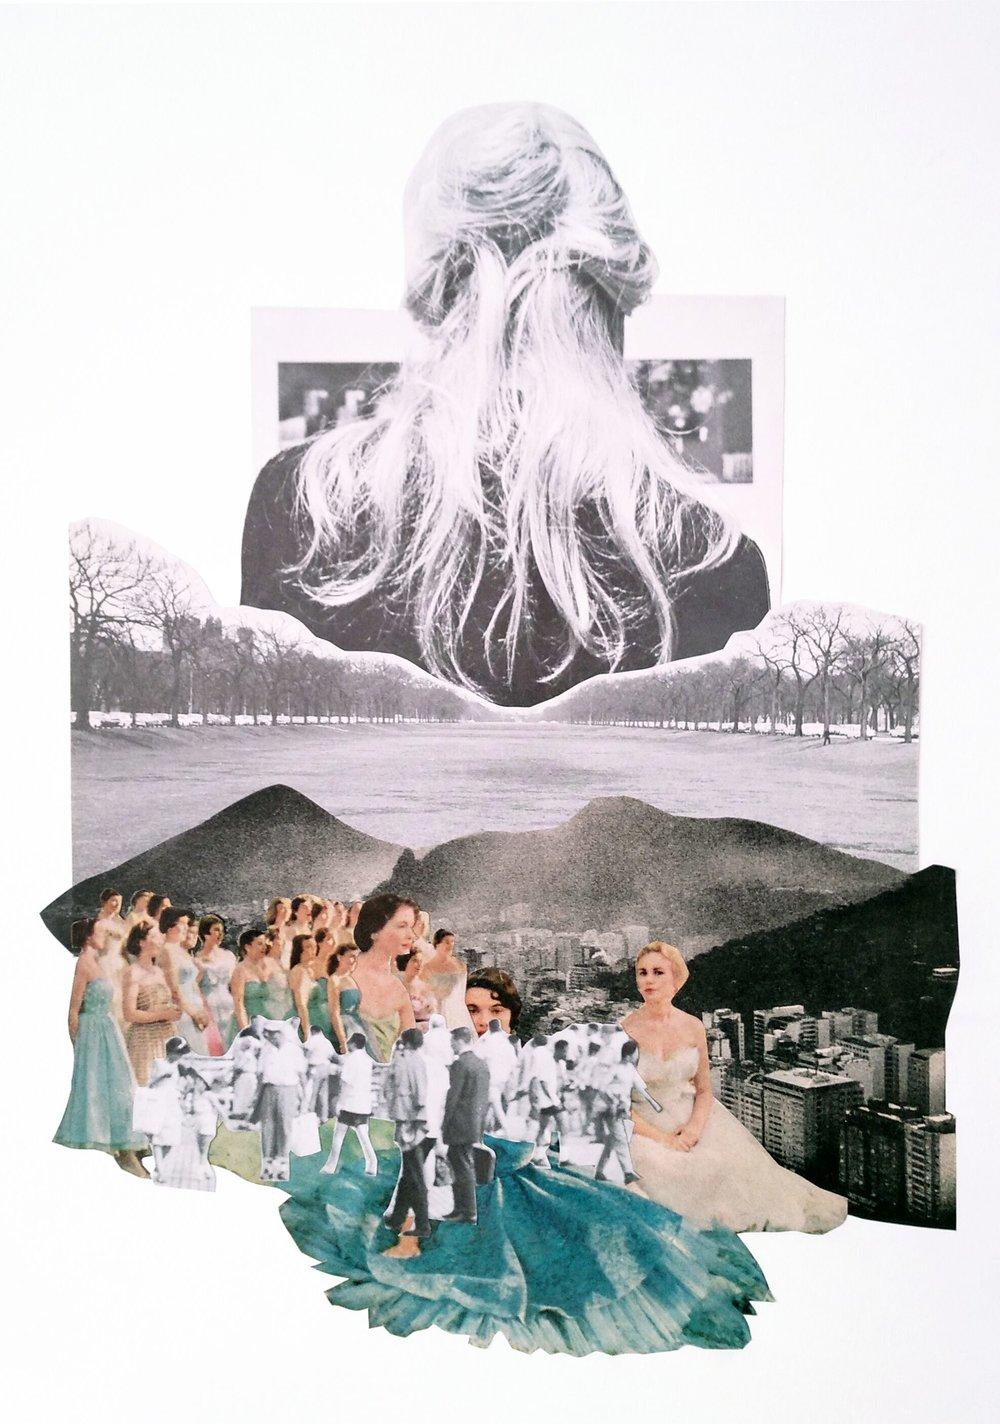 Rocio Romero - 'Feria' PaperCollage, 11,70W x 16,53H, £450